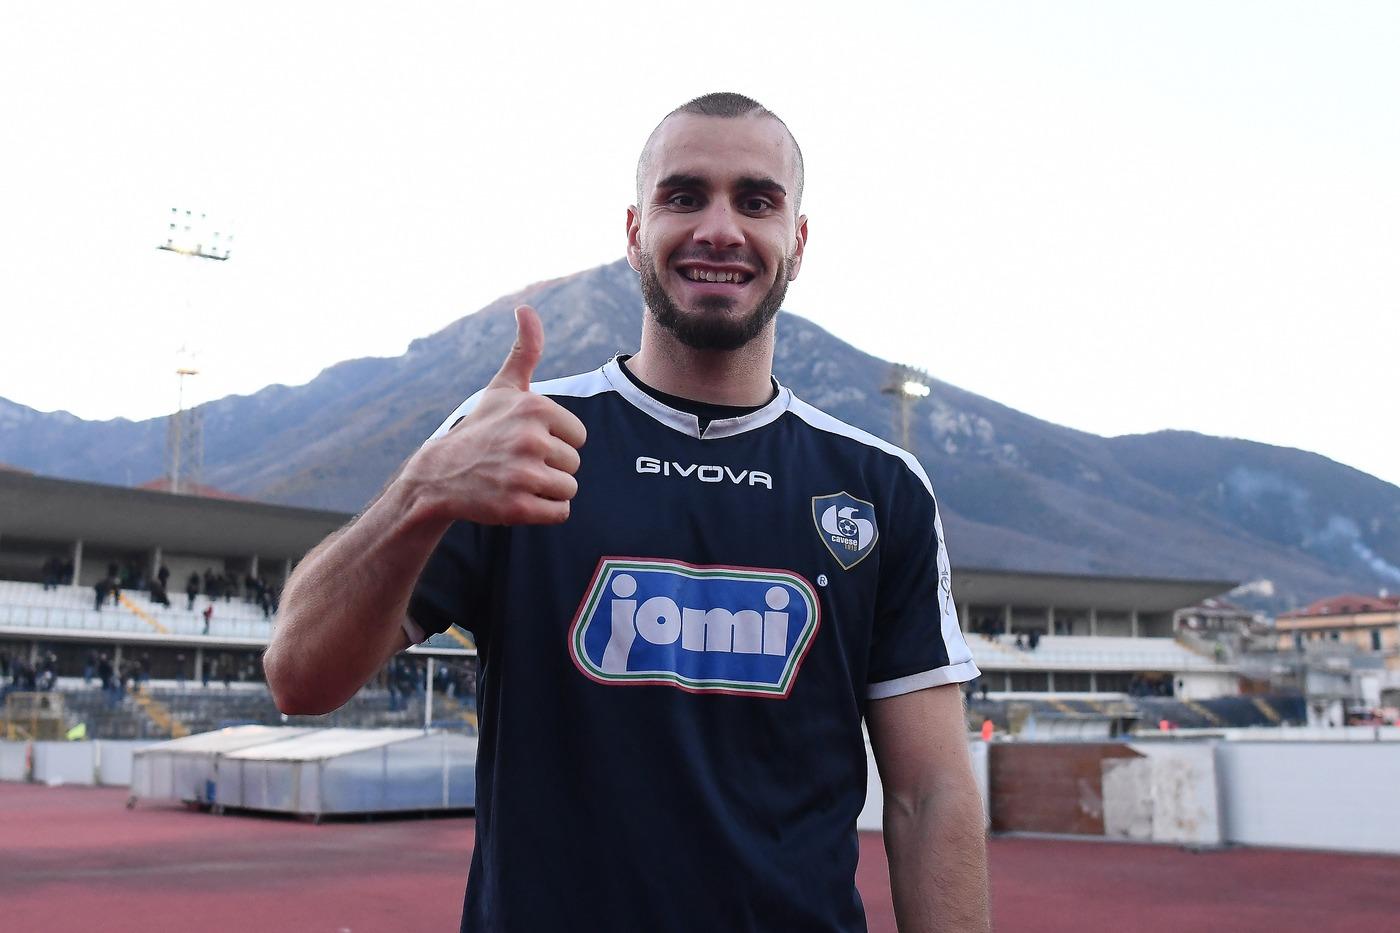 Serie C, Matera-Cavese mercoledì 13 febbraio: analisi e pronostico della 26ma giornata della terza divisione italiana